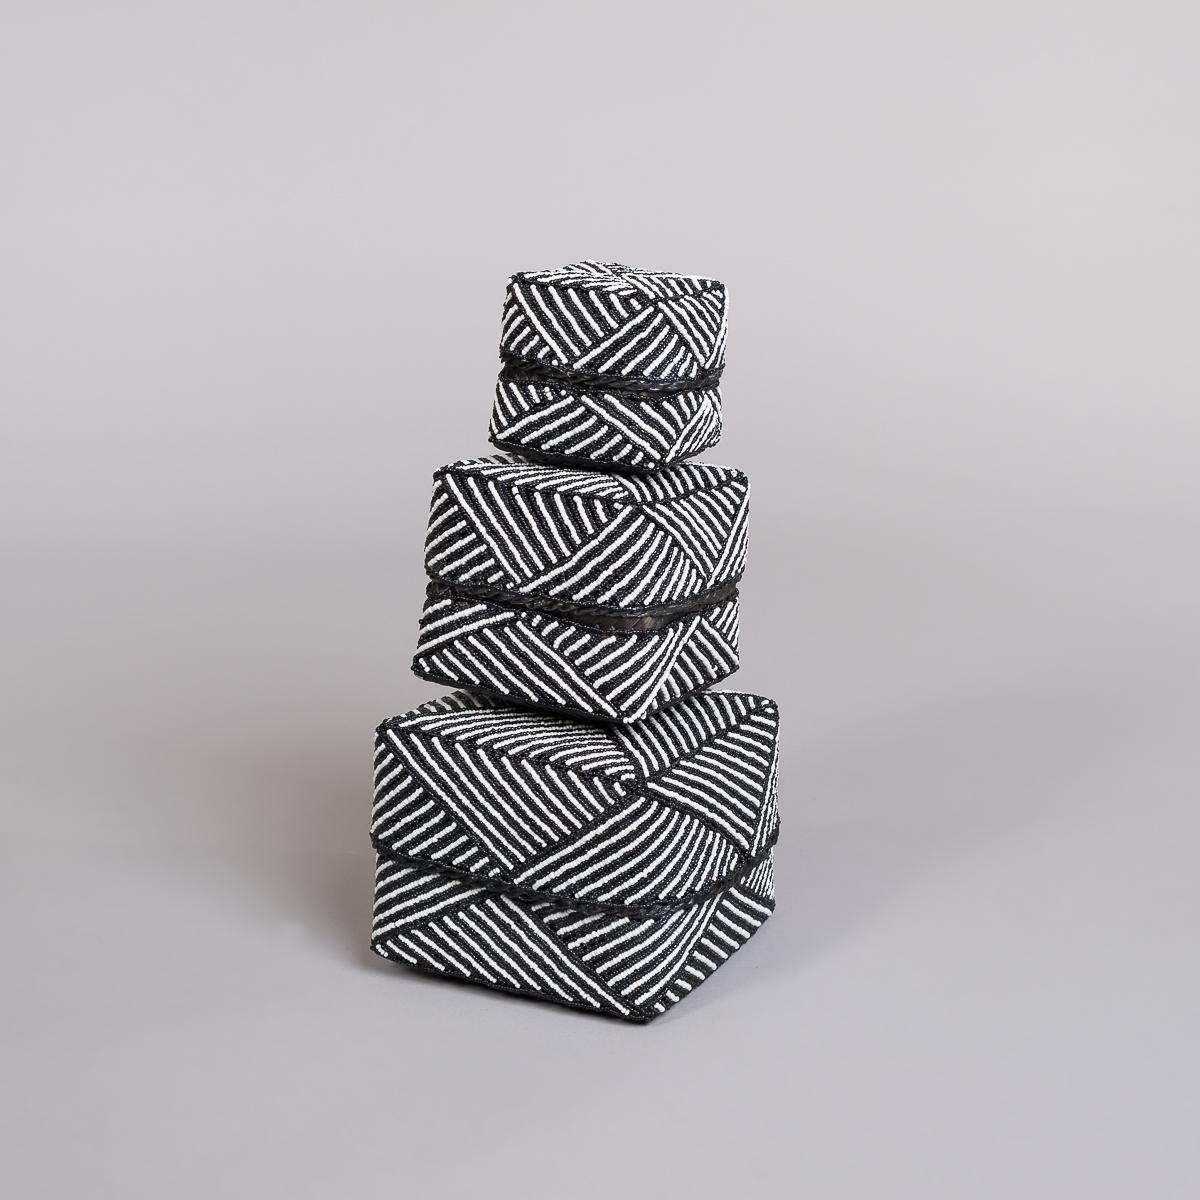 Boks Sett 3 stk med perle dekorasjon-Sort og hvit-0